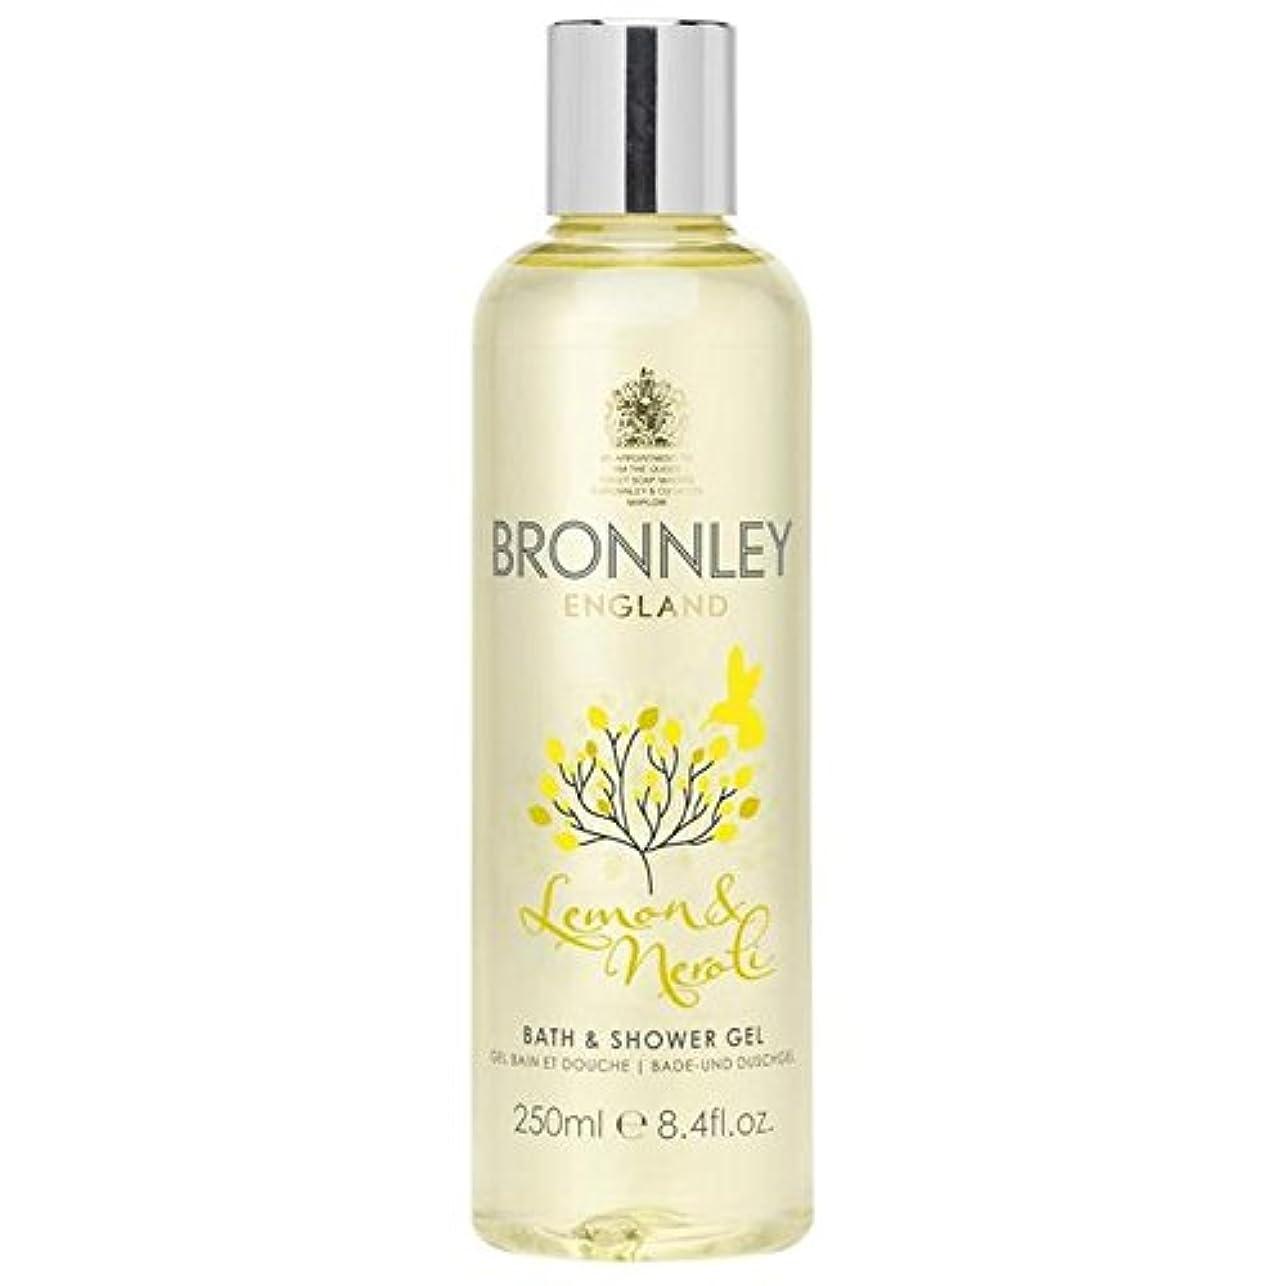 狂乱ビール踏みつけレモン&ネロリバス&シャワージェル250ミリリットル x4 - Bronnley Lemon & Neroli Bath & Shower Gel 250ml (Pack of 4) [並行輸入品]